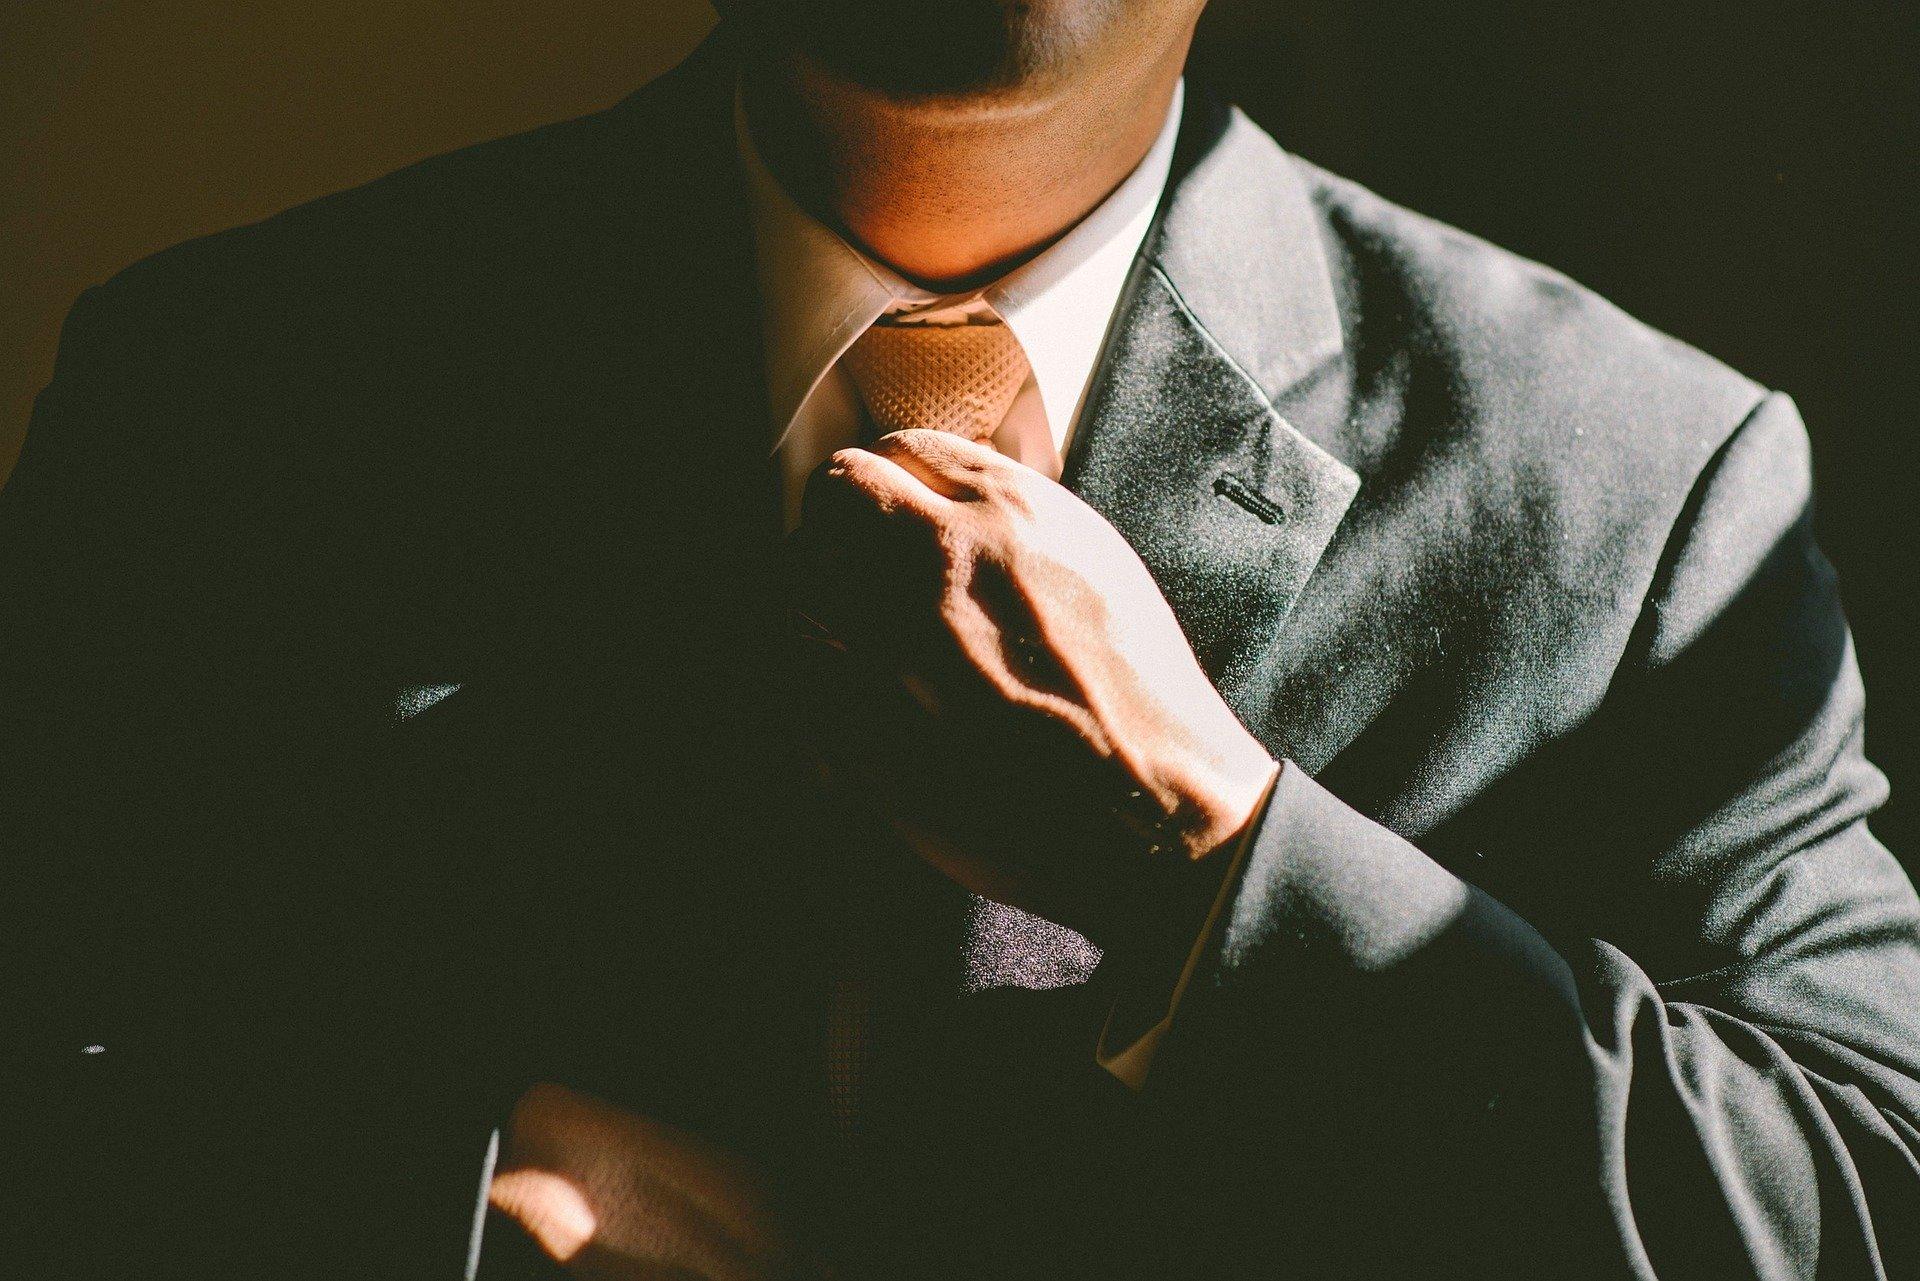 胡散臭いスーツの男性